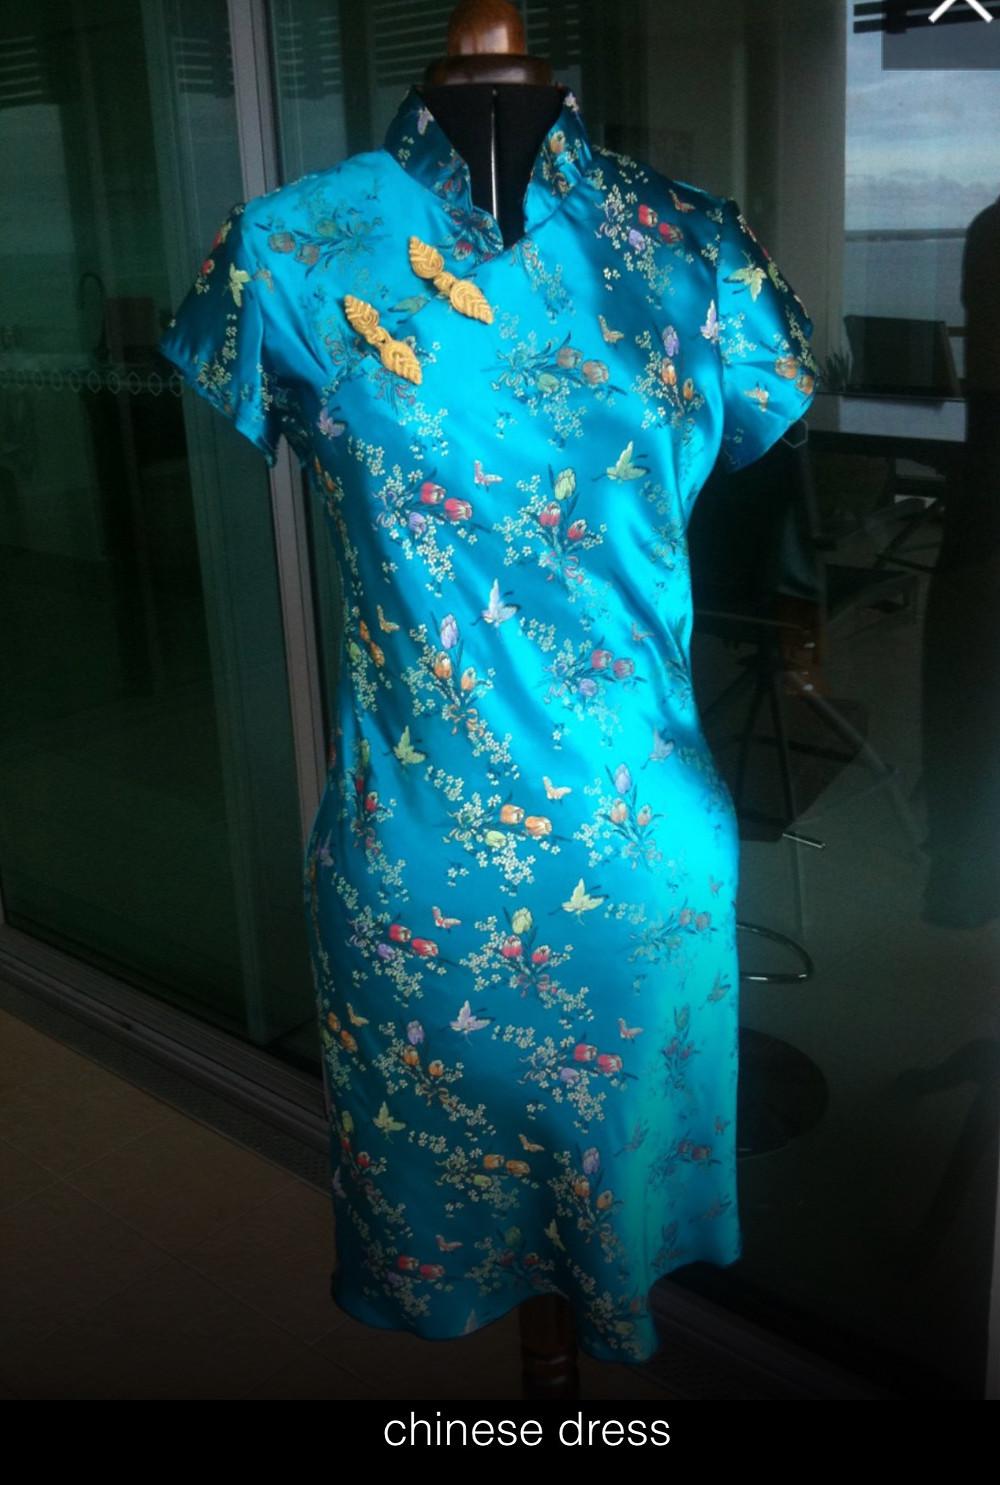 Custom made cultural costumer wear iSew4U Nambour